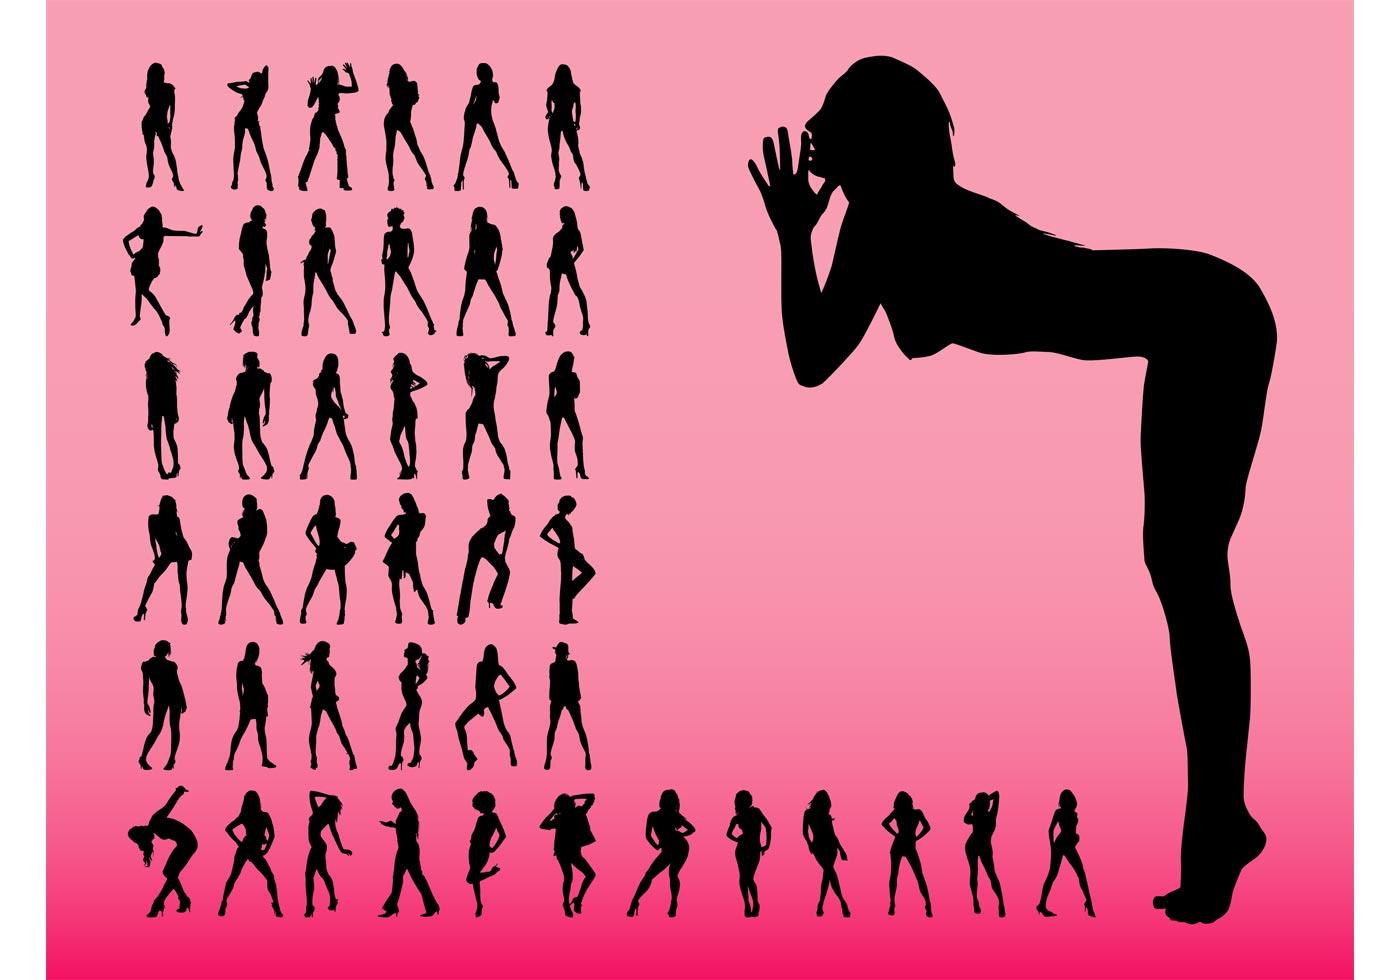 Sexy Women Graphics - Download Free Vector Art, Stock Graphics ...: https://www.vecteezy.com/vector-art/71915-sexy-women-graphics